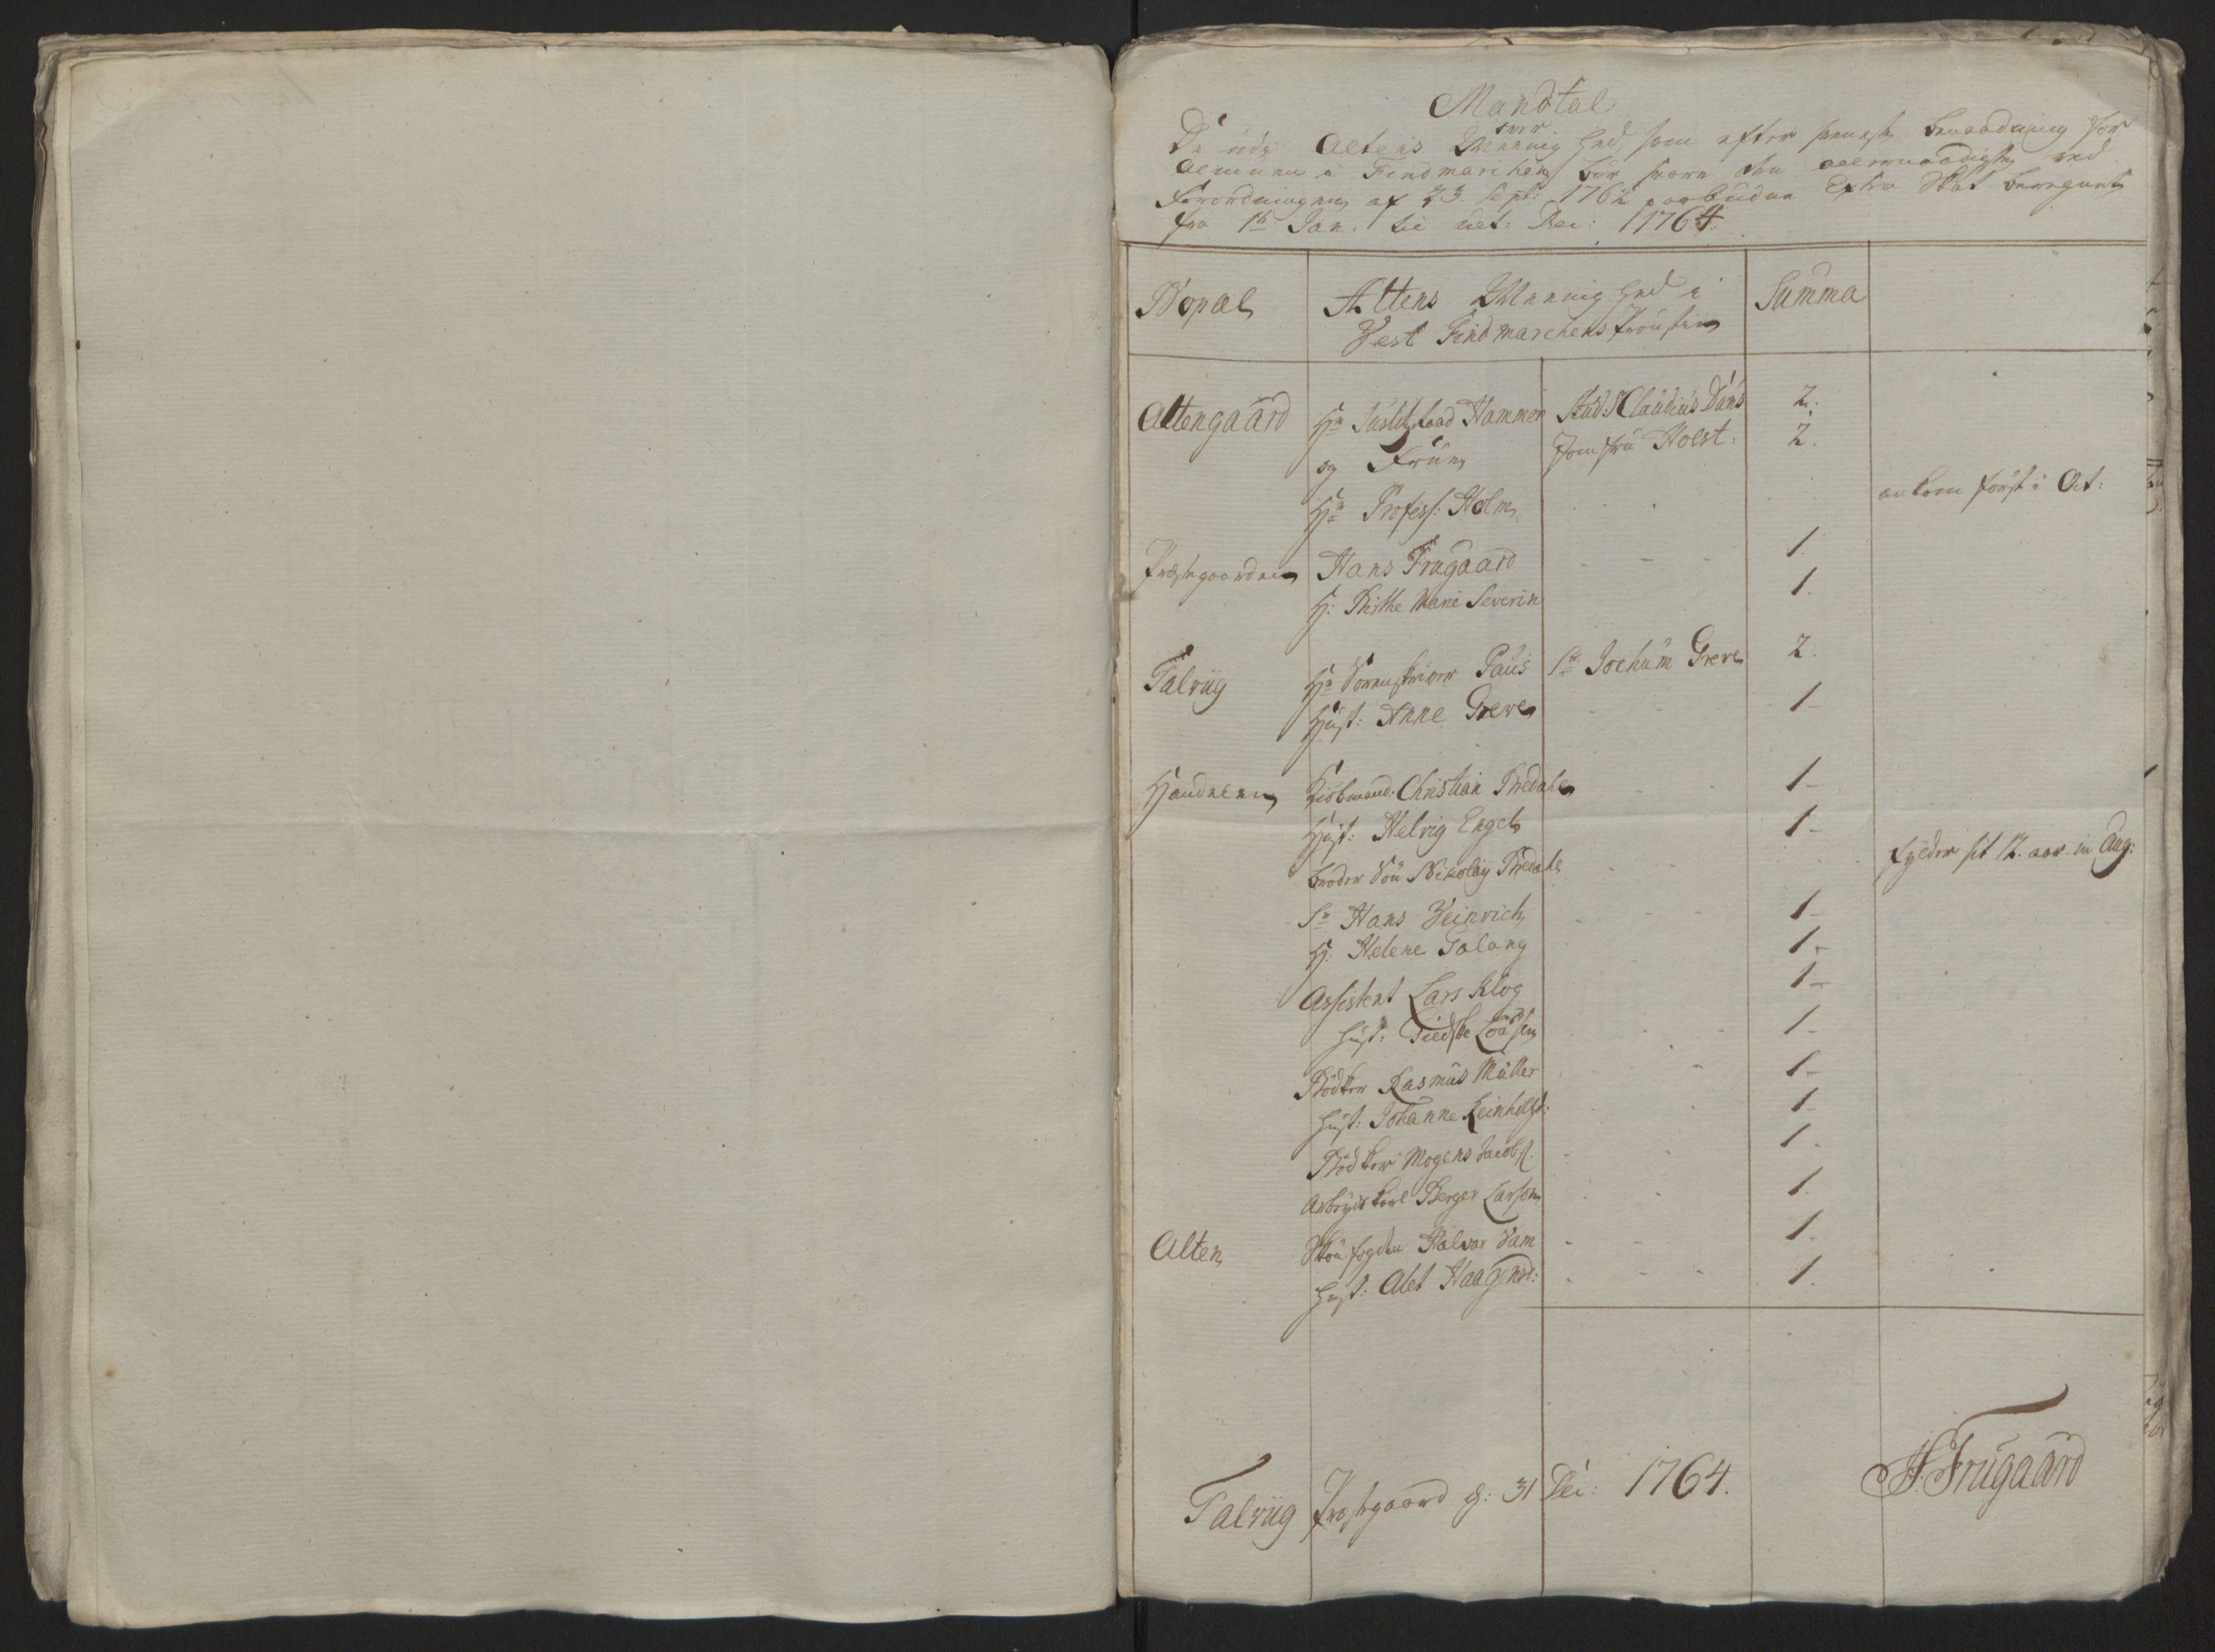 RA, Rentekammeret inntil 1814, Reviderte regnskaper, Fogderegnskap, R69/L4910: Ekstraskatten  Finnmark/Vardøhus, 1762-1772, s. 105